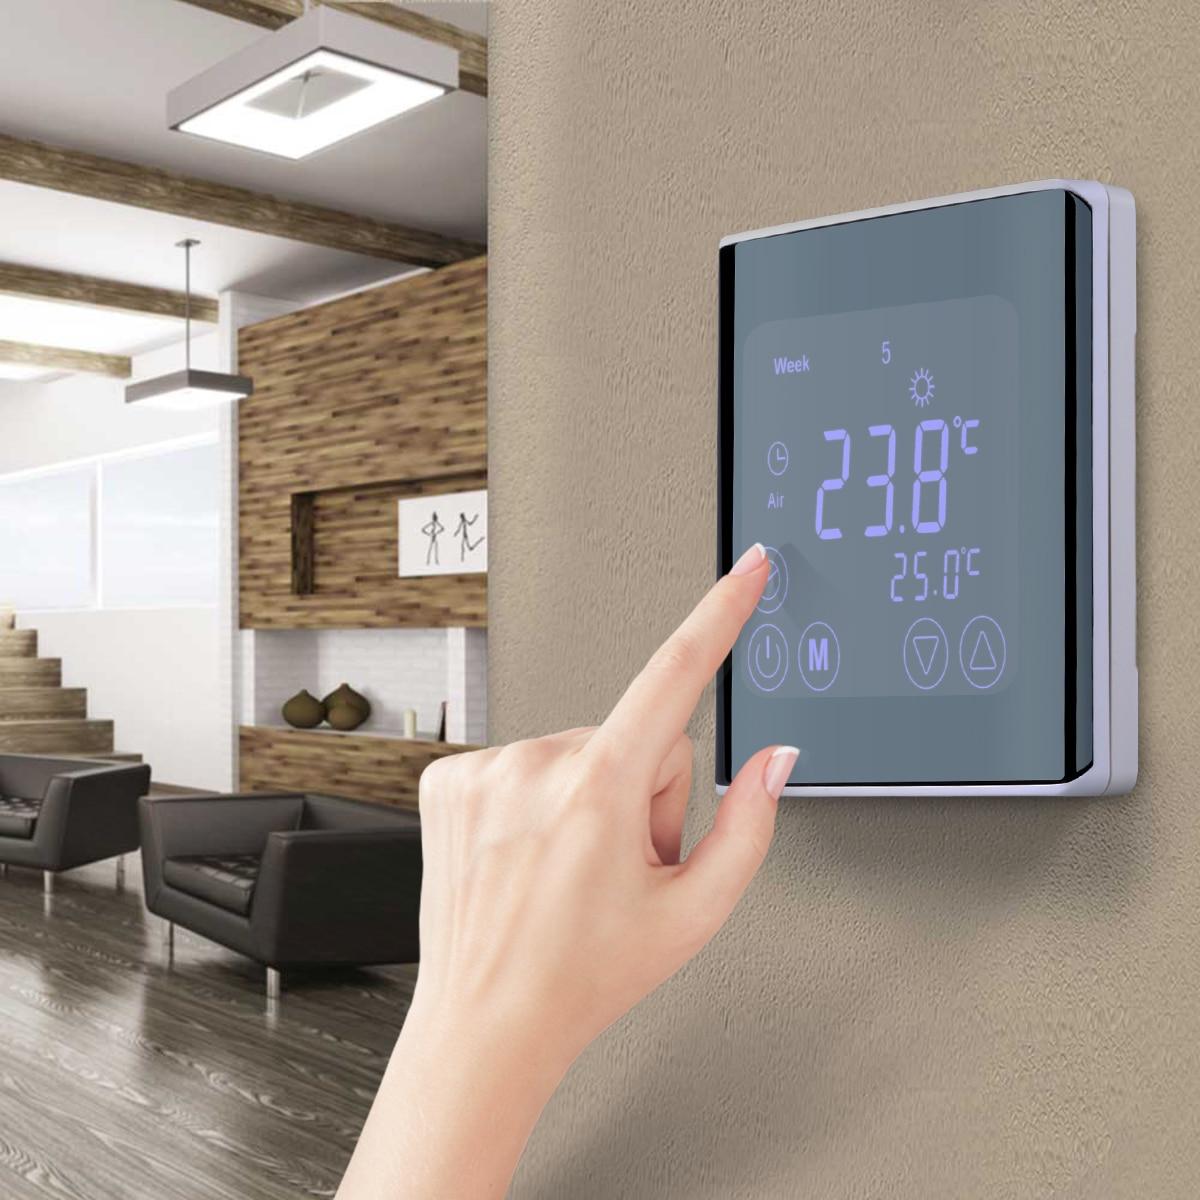 Smart Display LCD Tela Sensível Ao Toque De Aquecimento Termostato Quarto Controlador de Temperatura Programável Radiante Casa Instrumento Temperatura